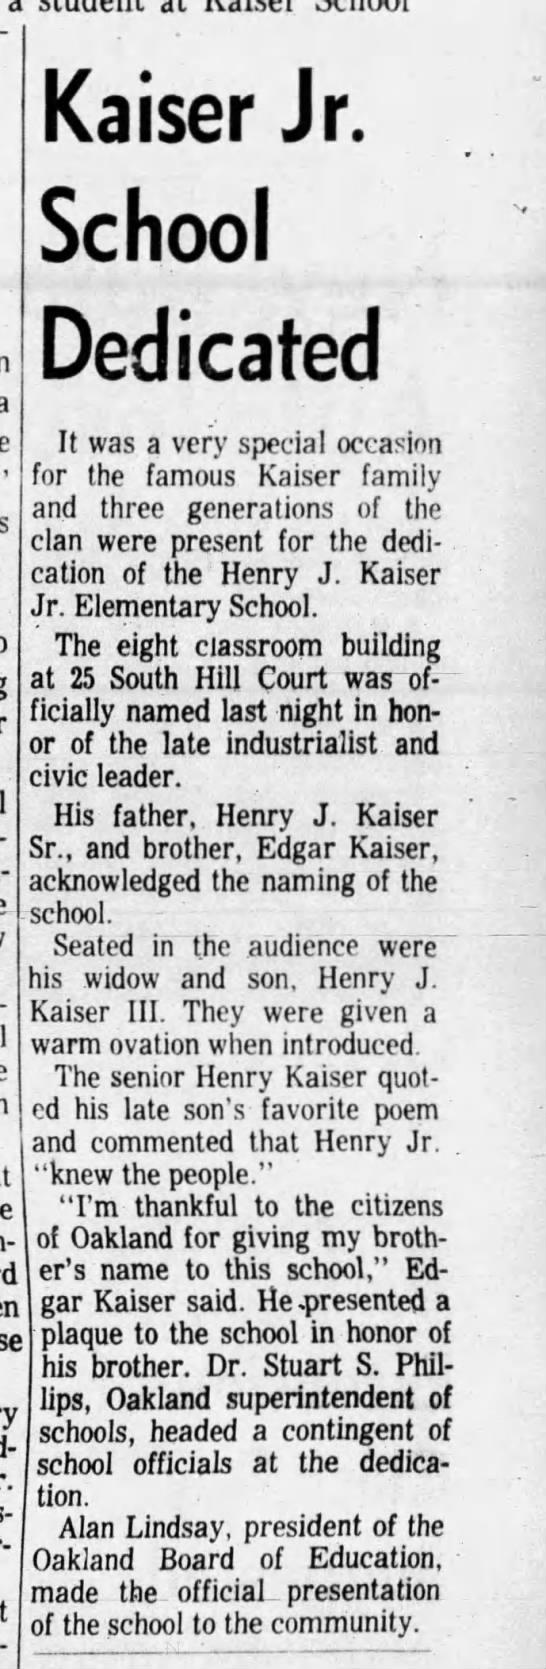 Kaiser Dedicated - Feb 05, 1964 -